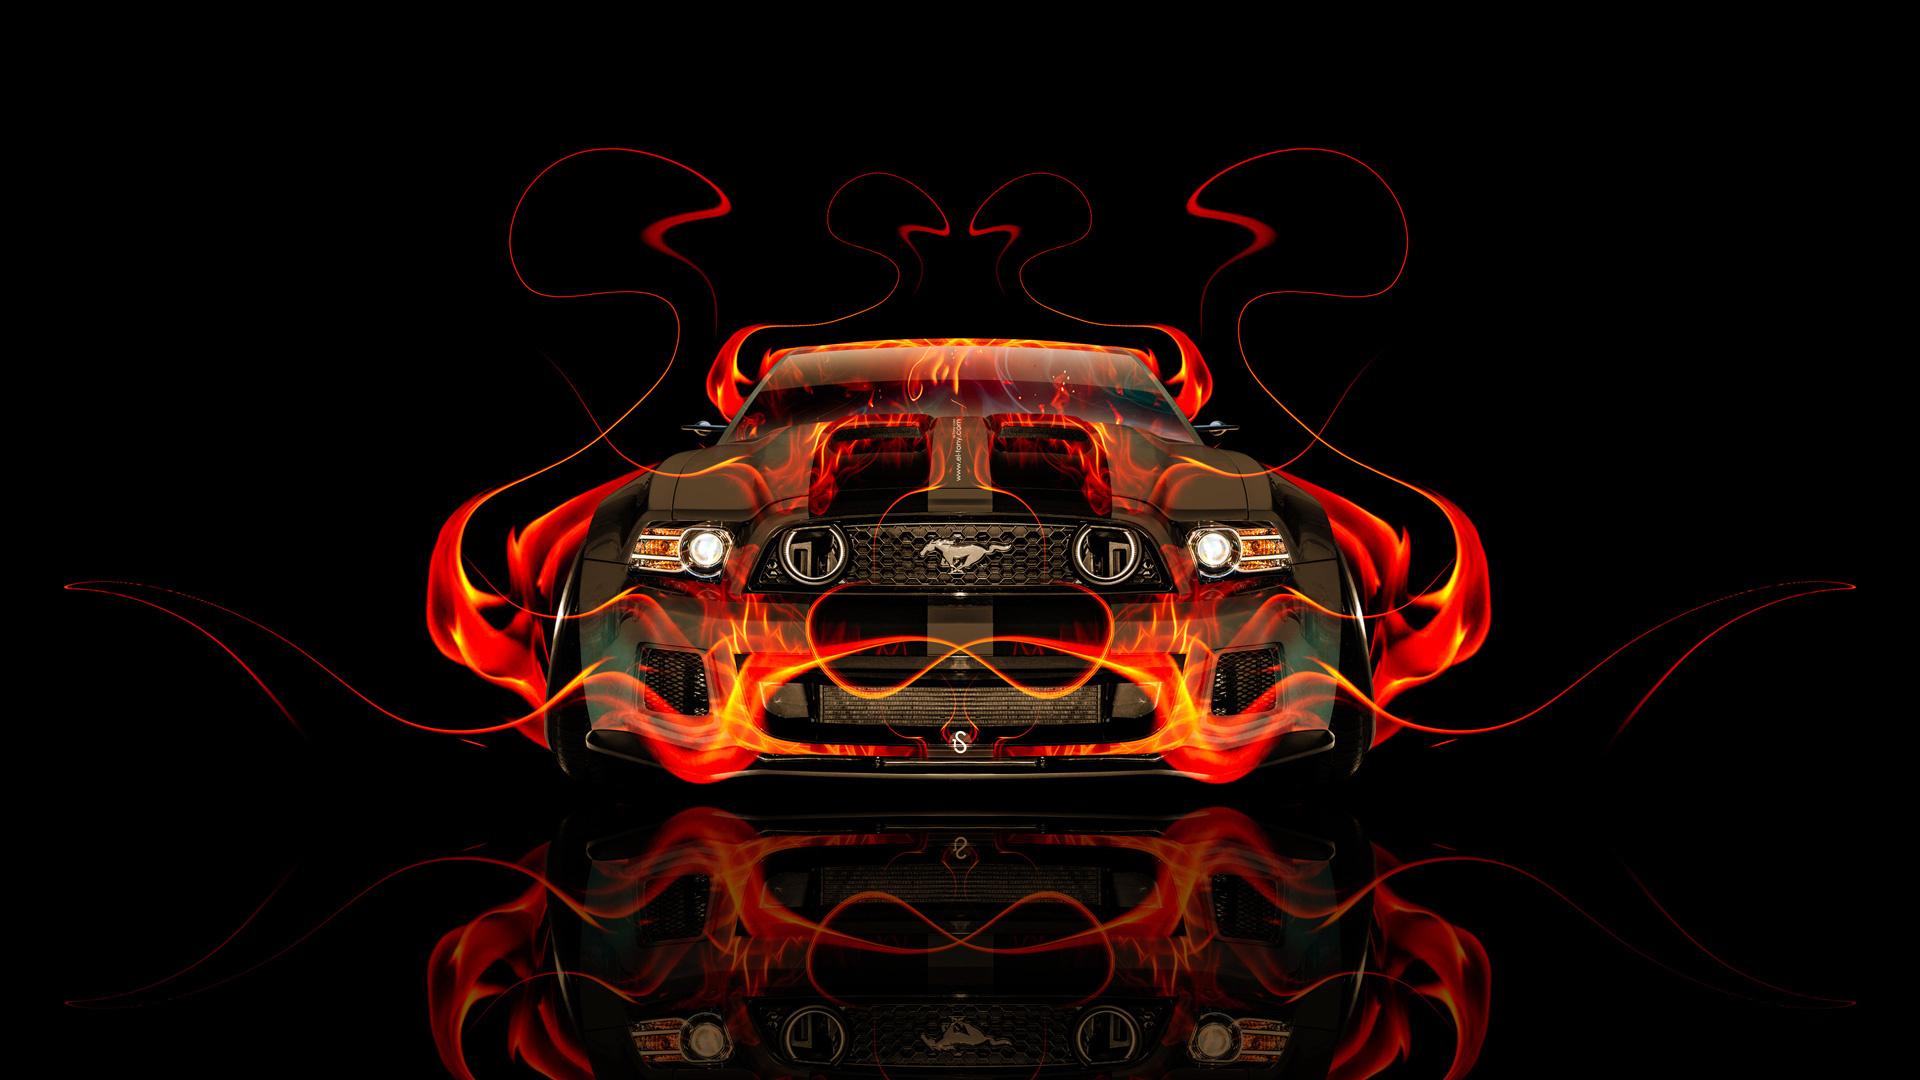 Mustang - фото обои на рабочий стол, картинки с ...